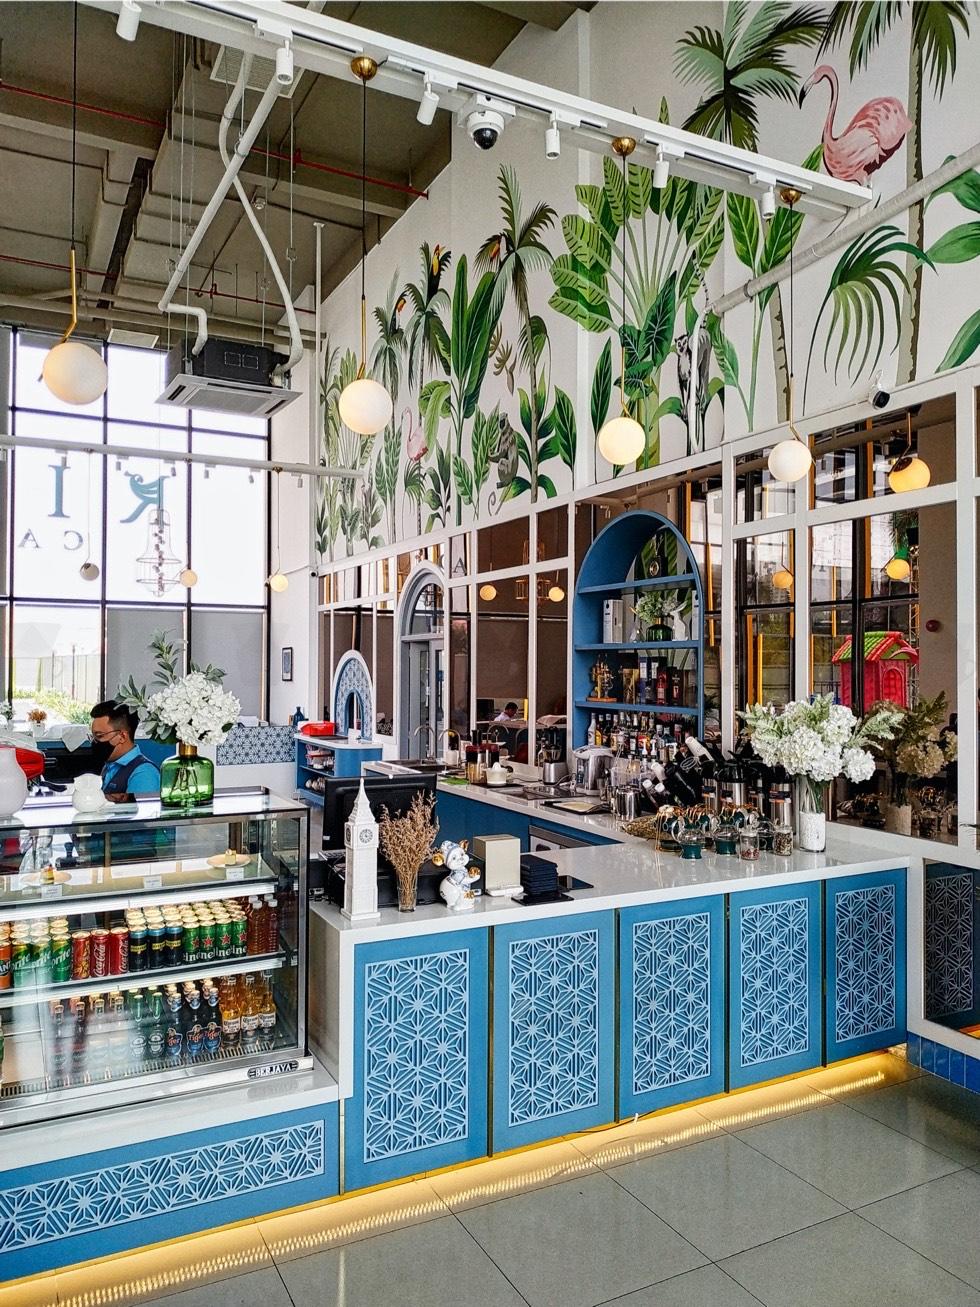 Rio Cafe Counter